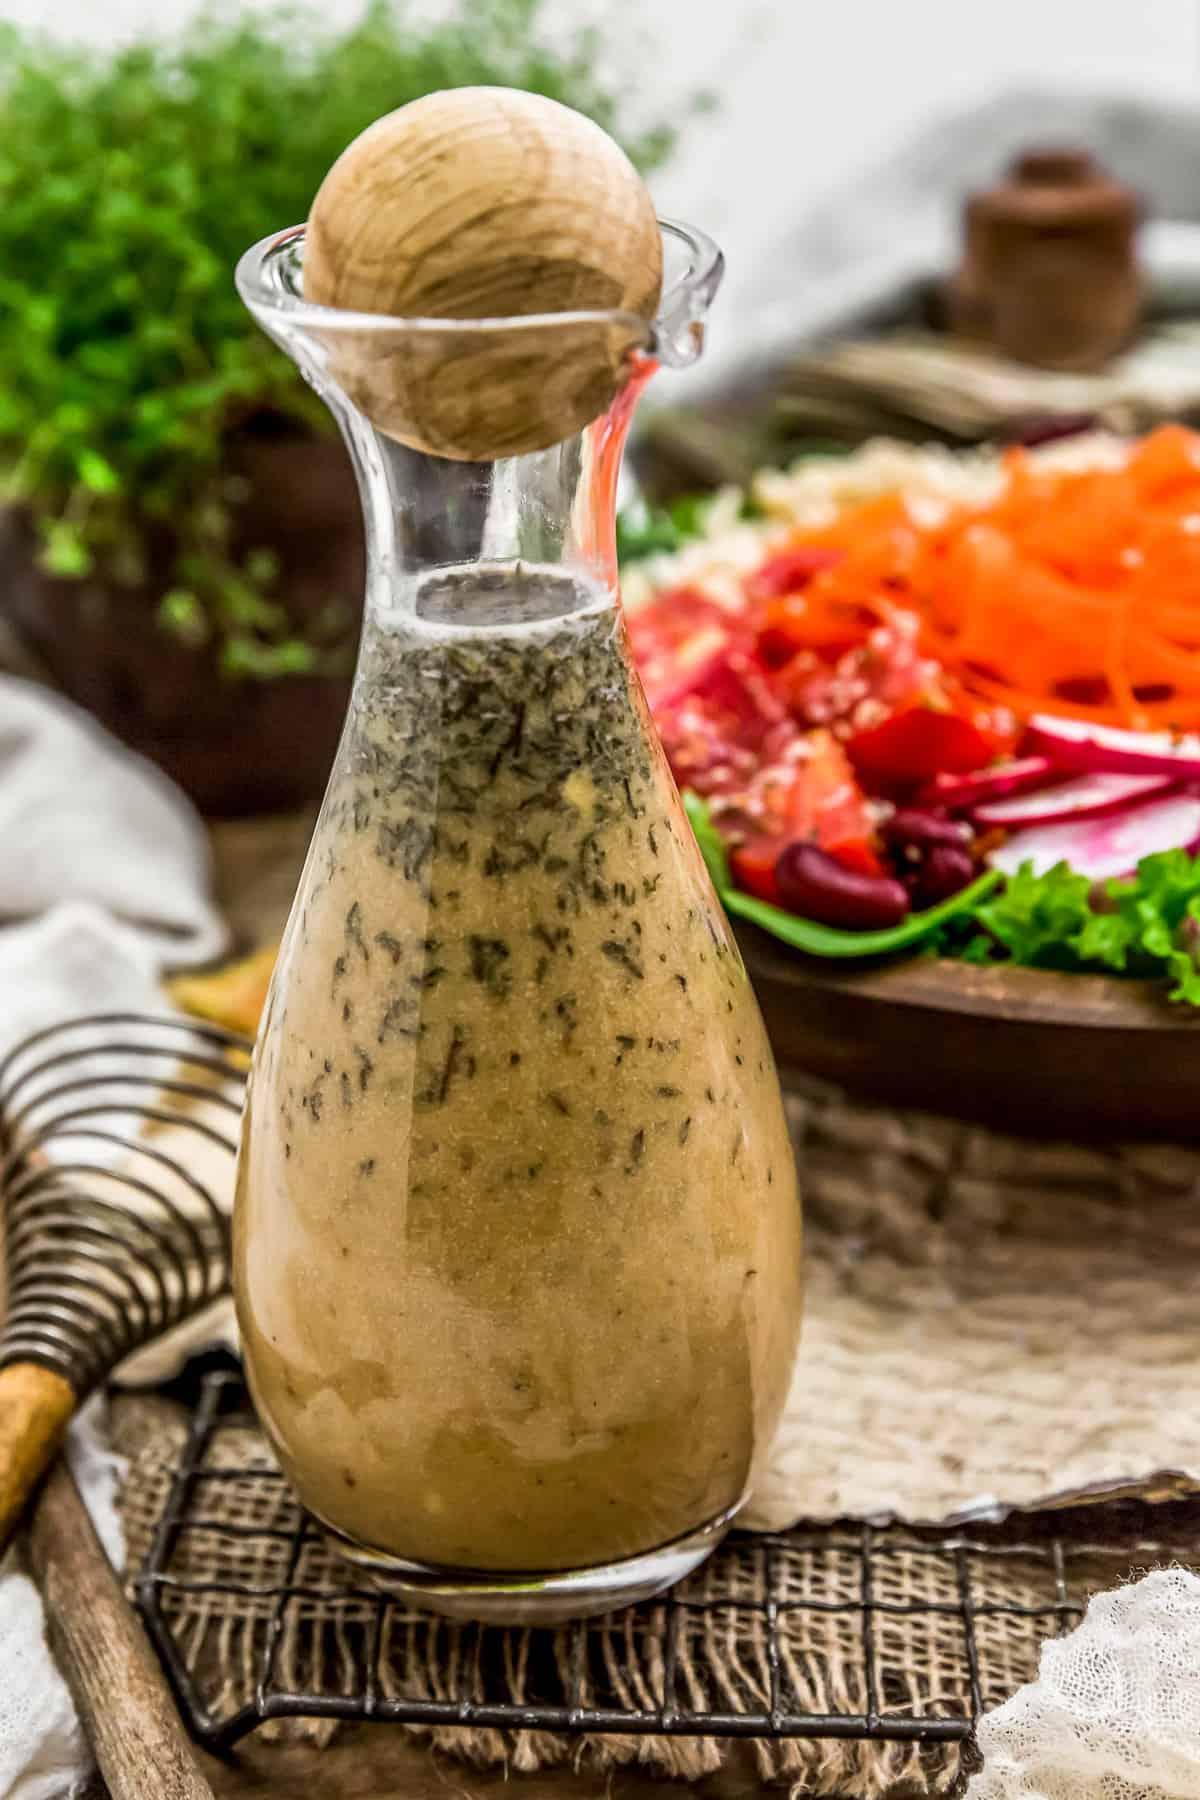 Bottle of Oil Free Herb Vinaigrette